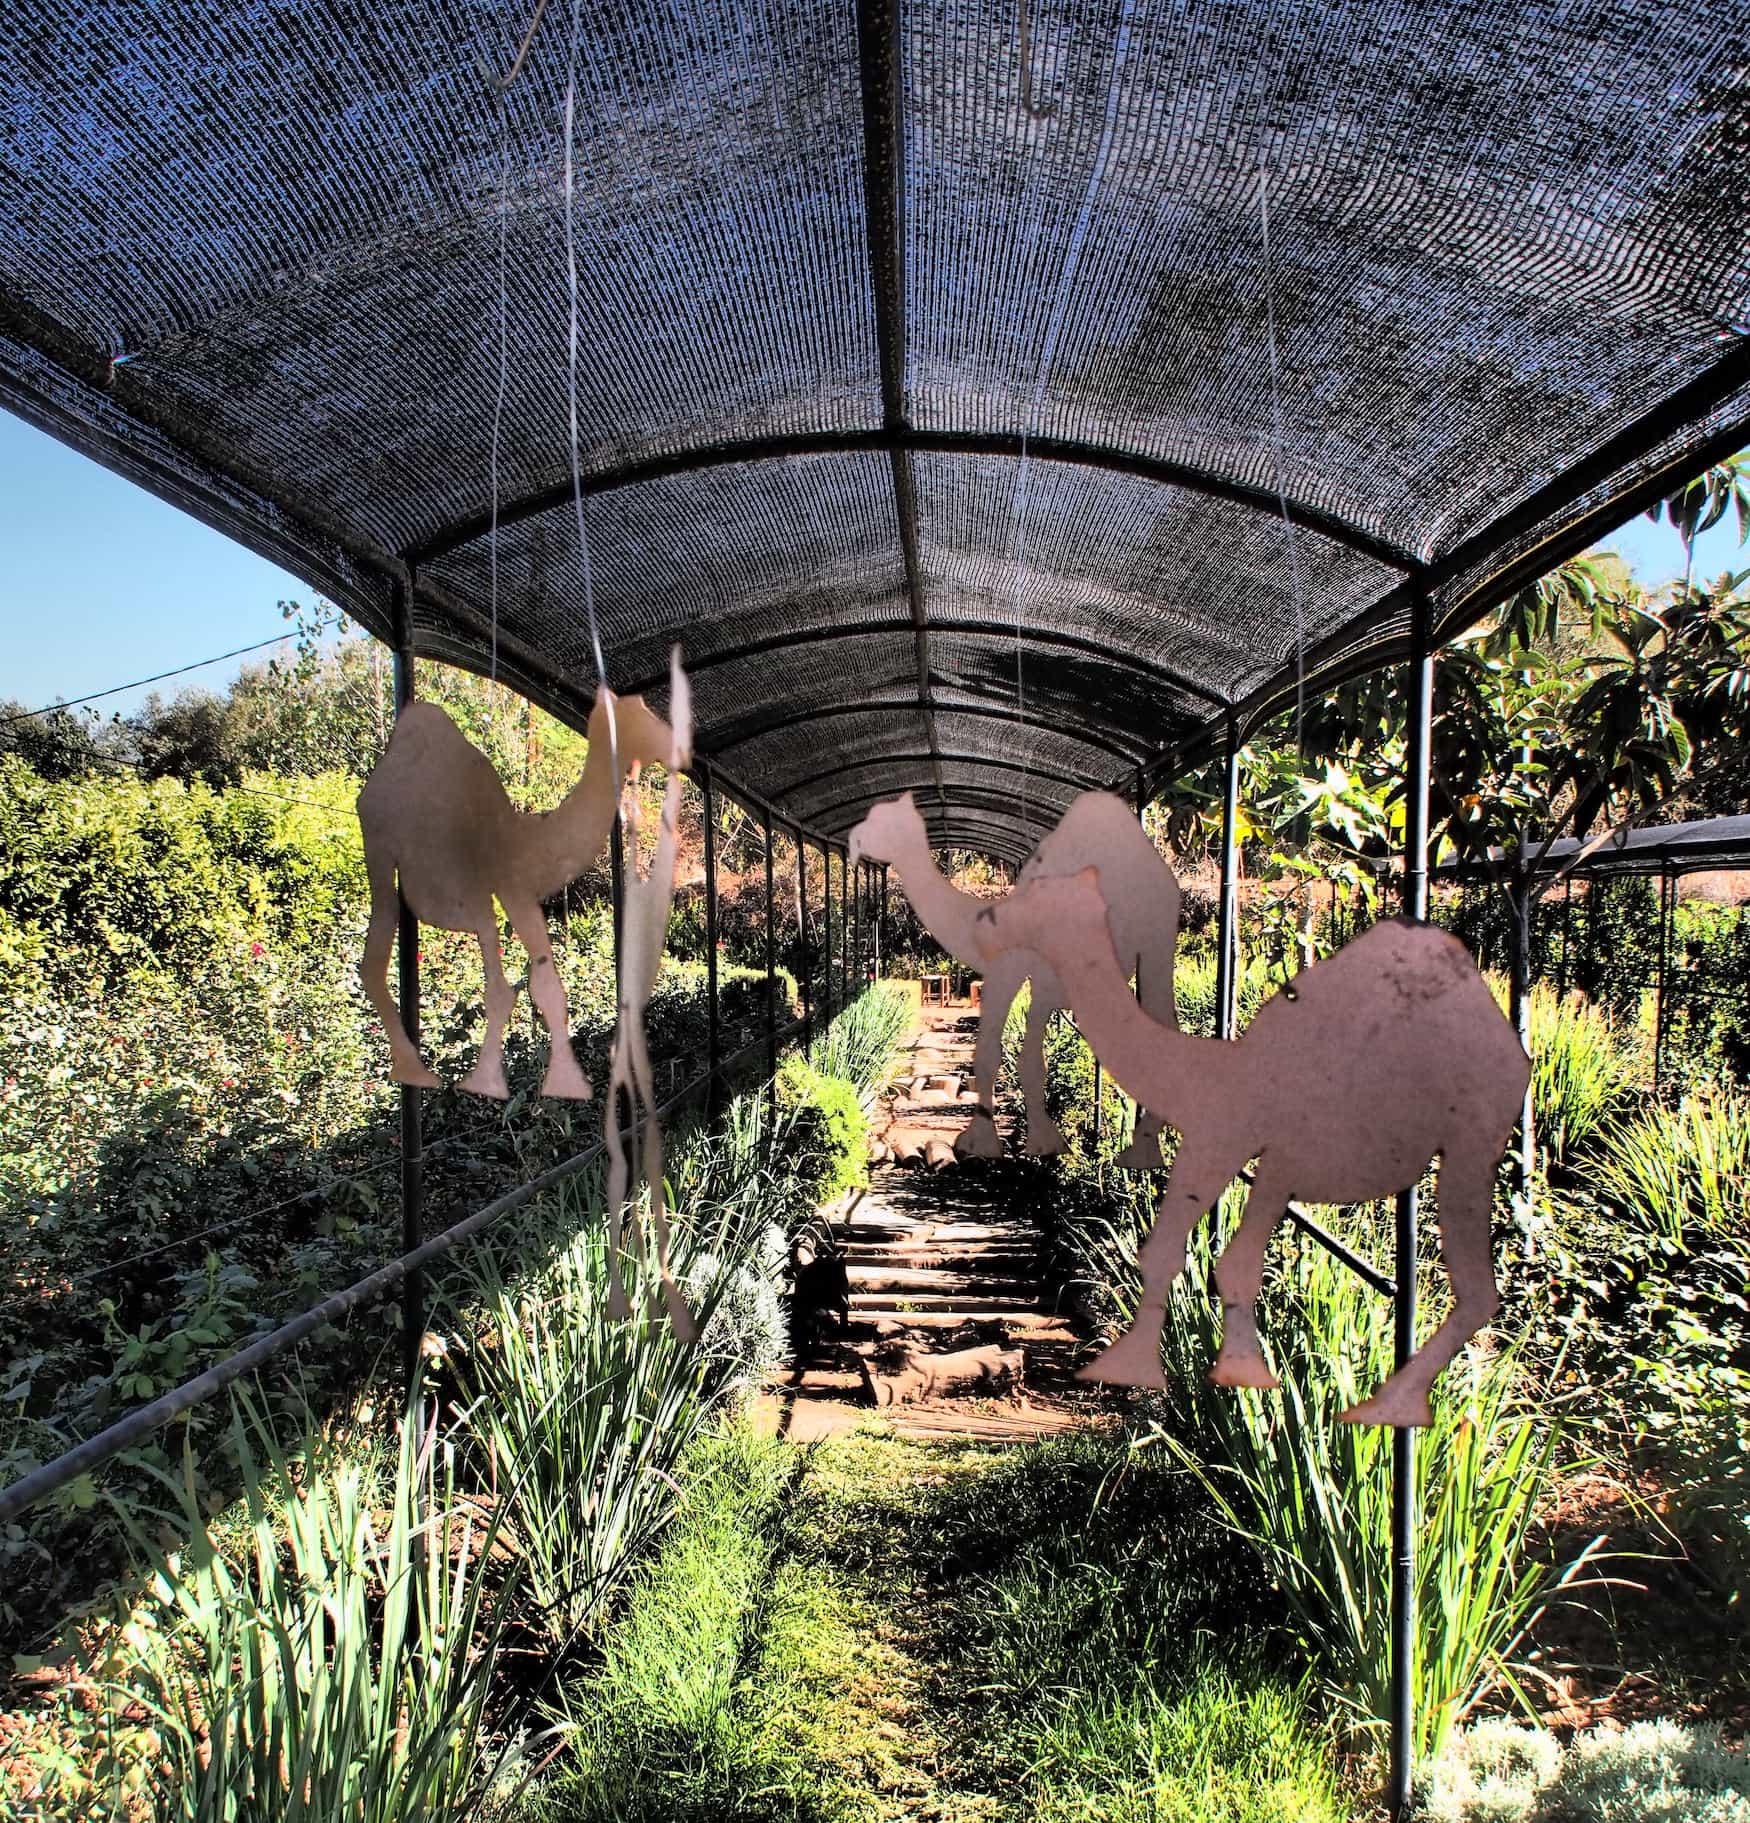 Paradise du safran - Marrakesch - Kreative